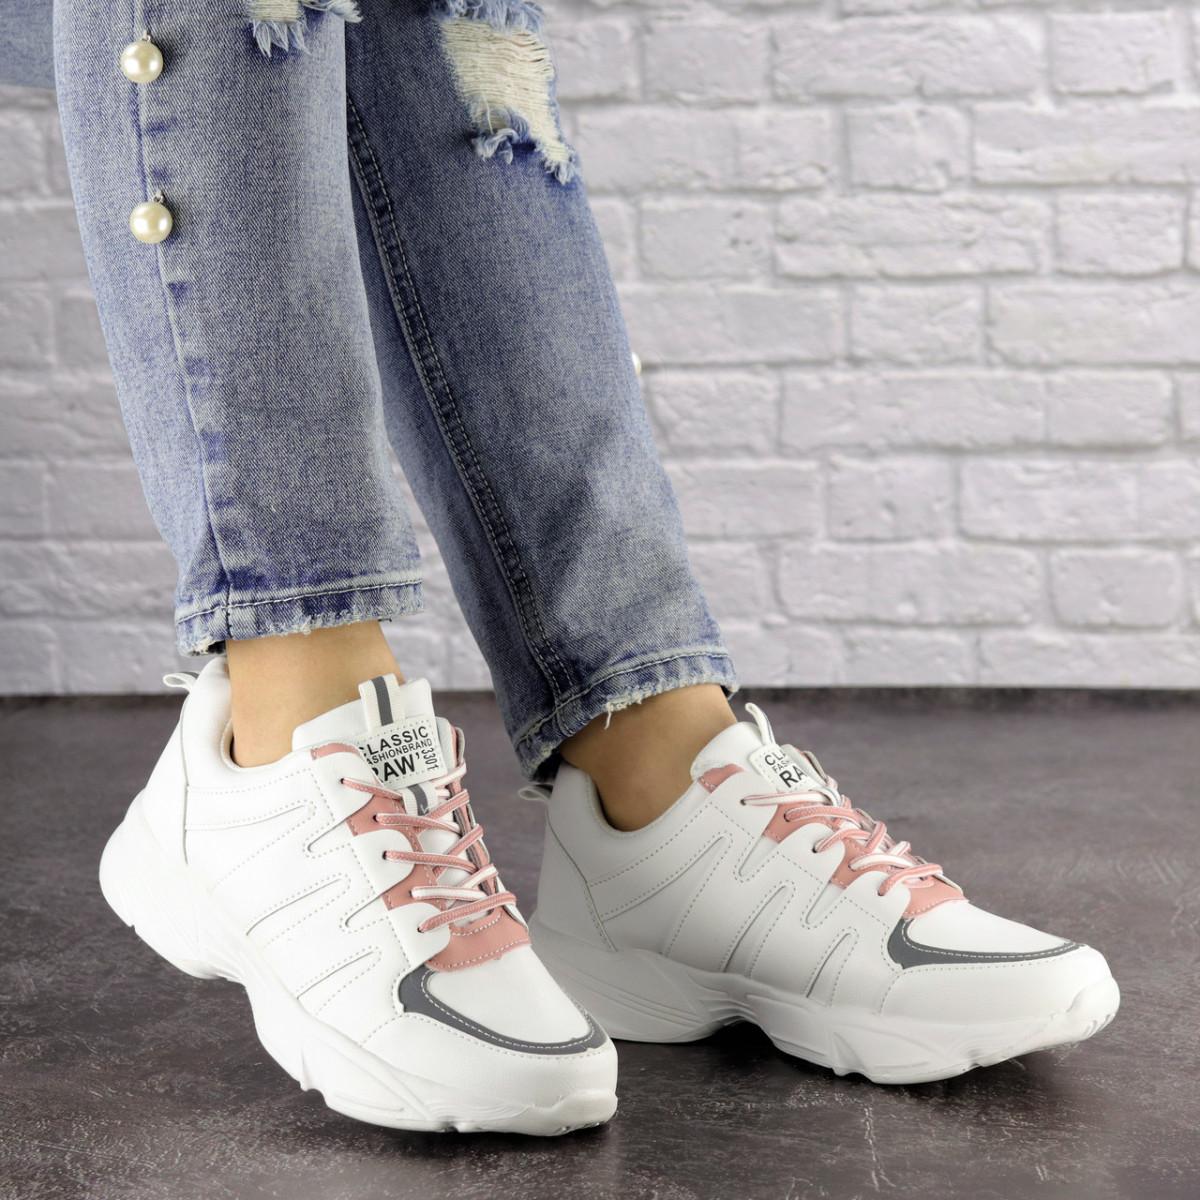 Жіночі кросівки Fashion Caitlyn 1532 36 розмір, 23,5 см Білий